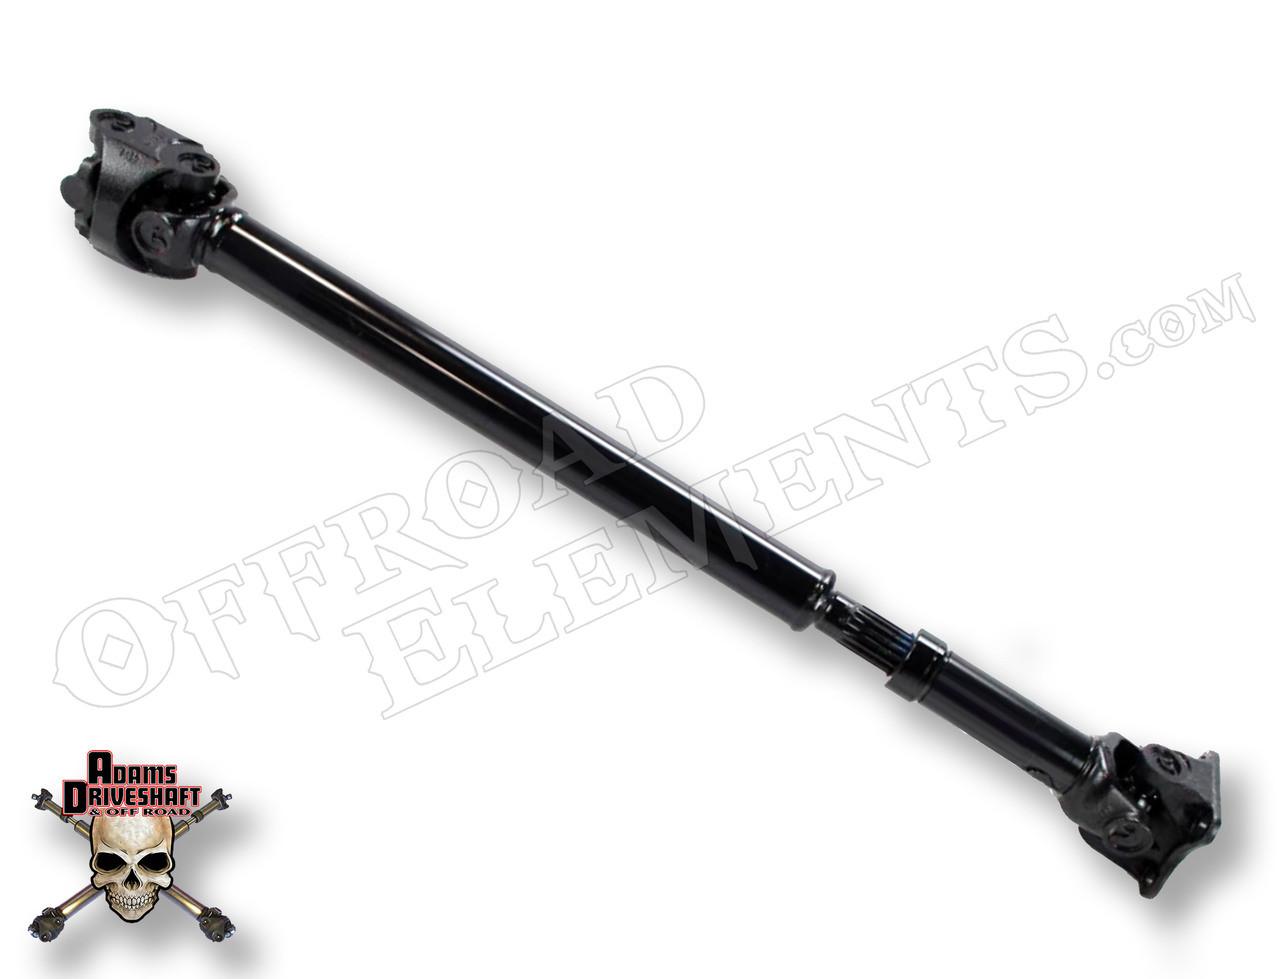 Adams Driveshaft AD-JK1310R 1310 Rear CV Driveshaft for Wrangler JK 2007+